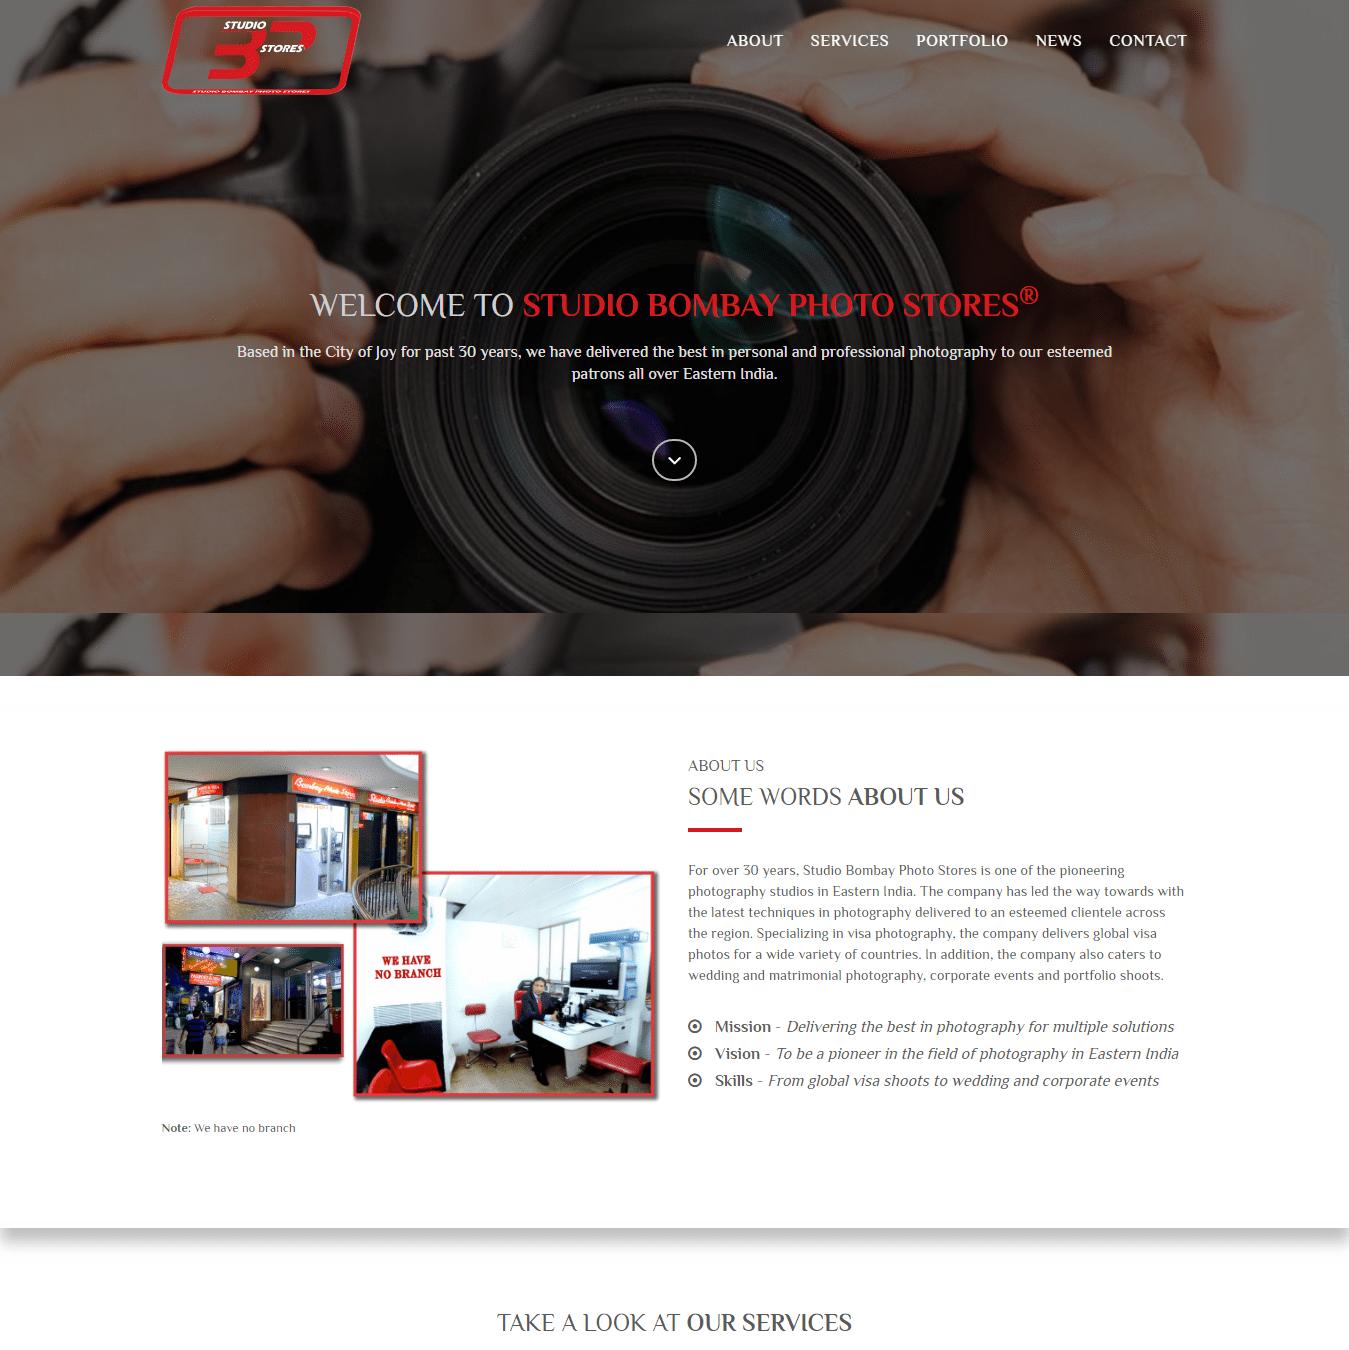 Studio Bombay Photo Stores